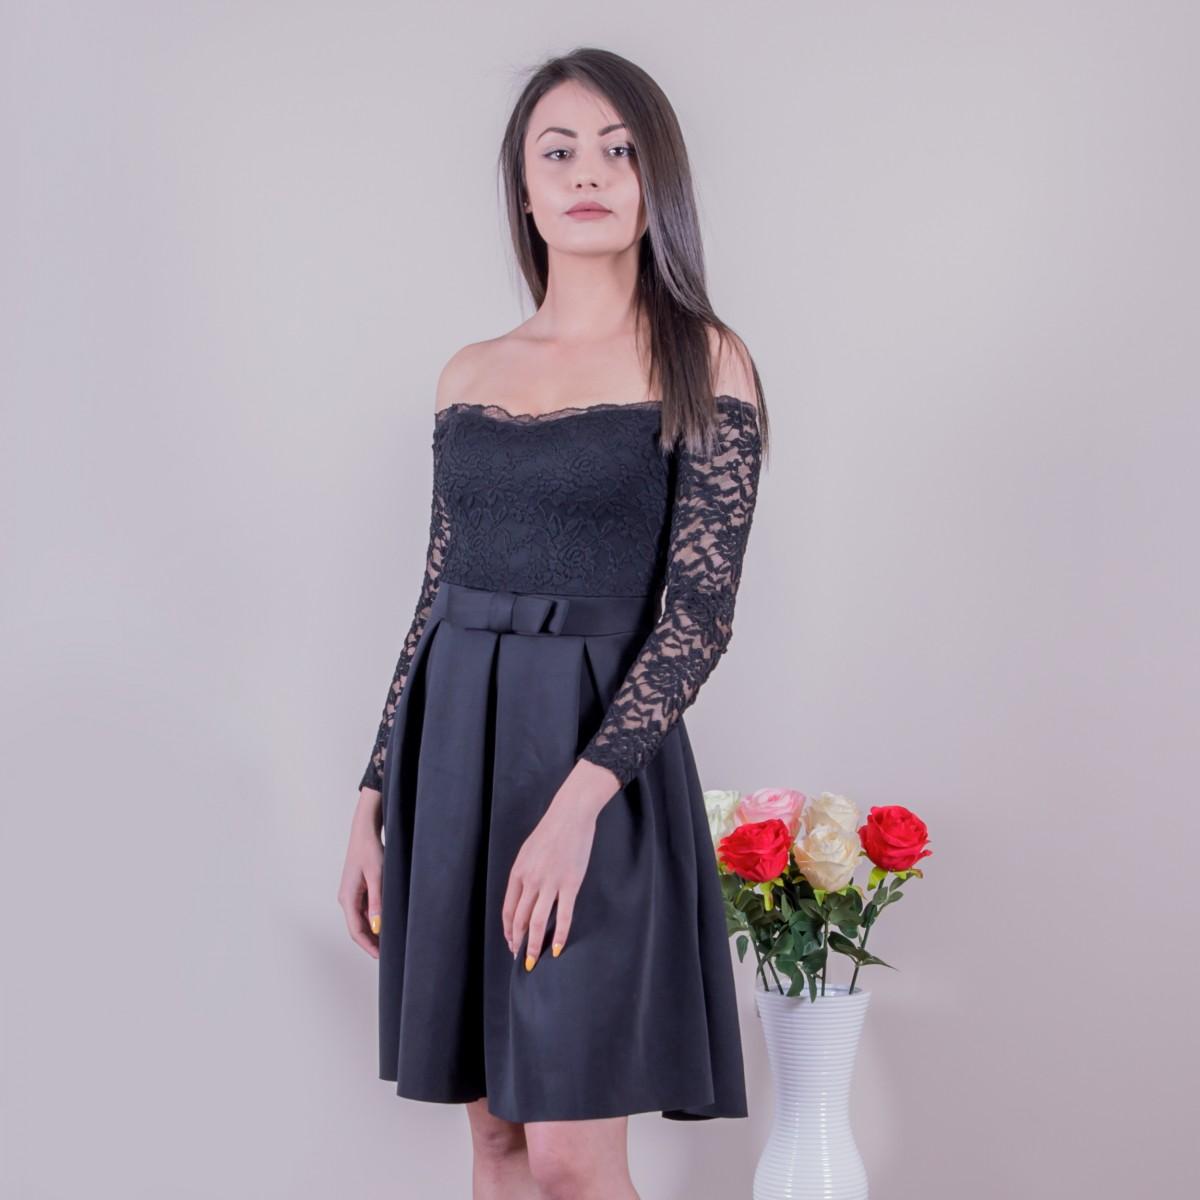 Елегантна рокля с дантелени ръкави Снимка 2 от 2